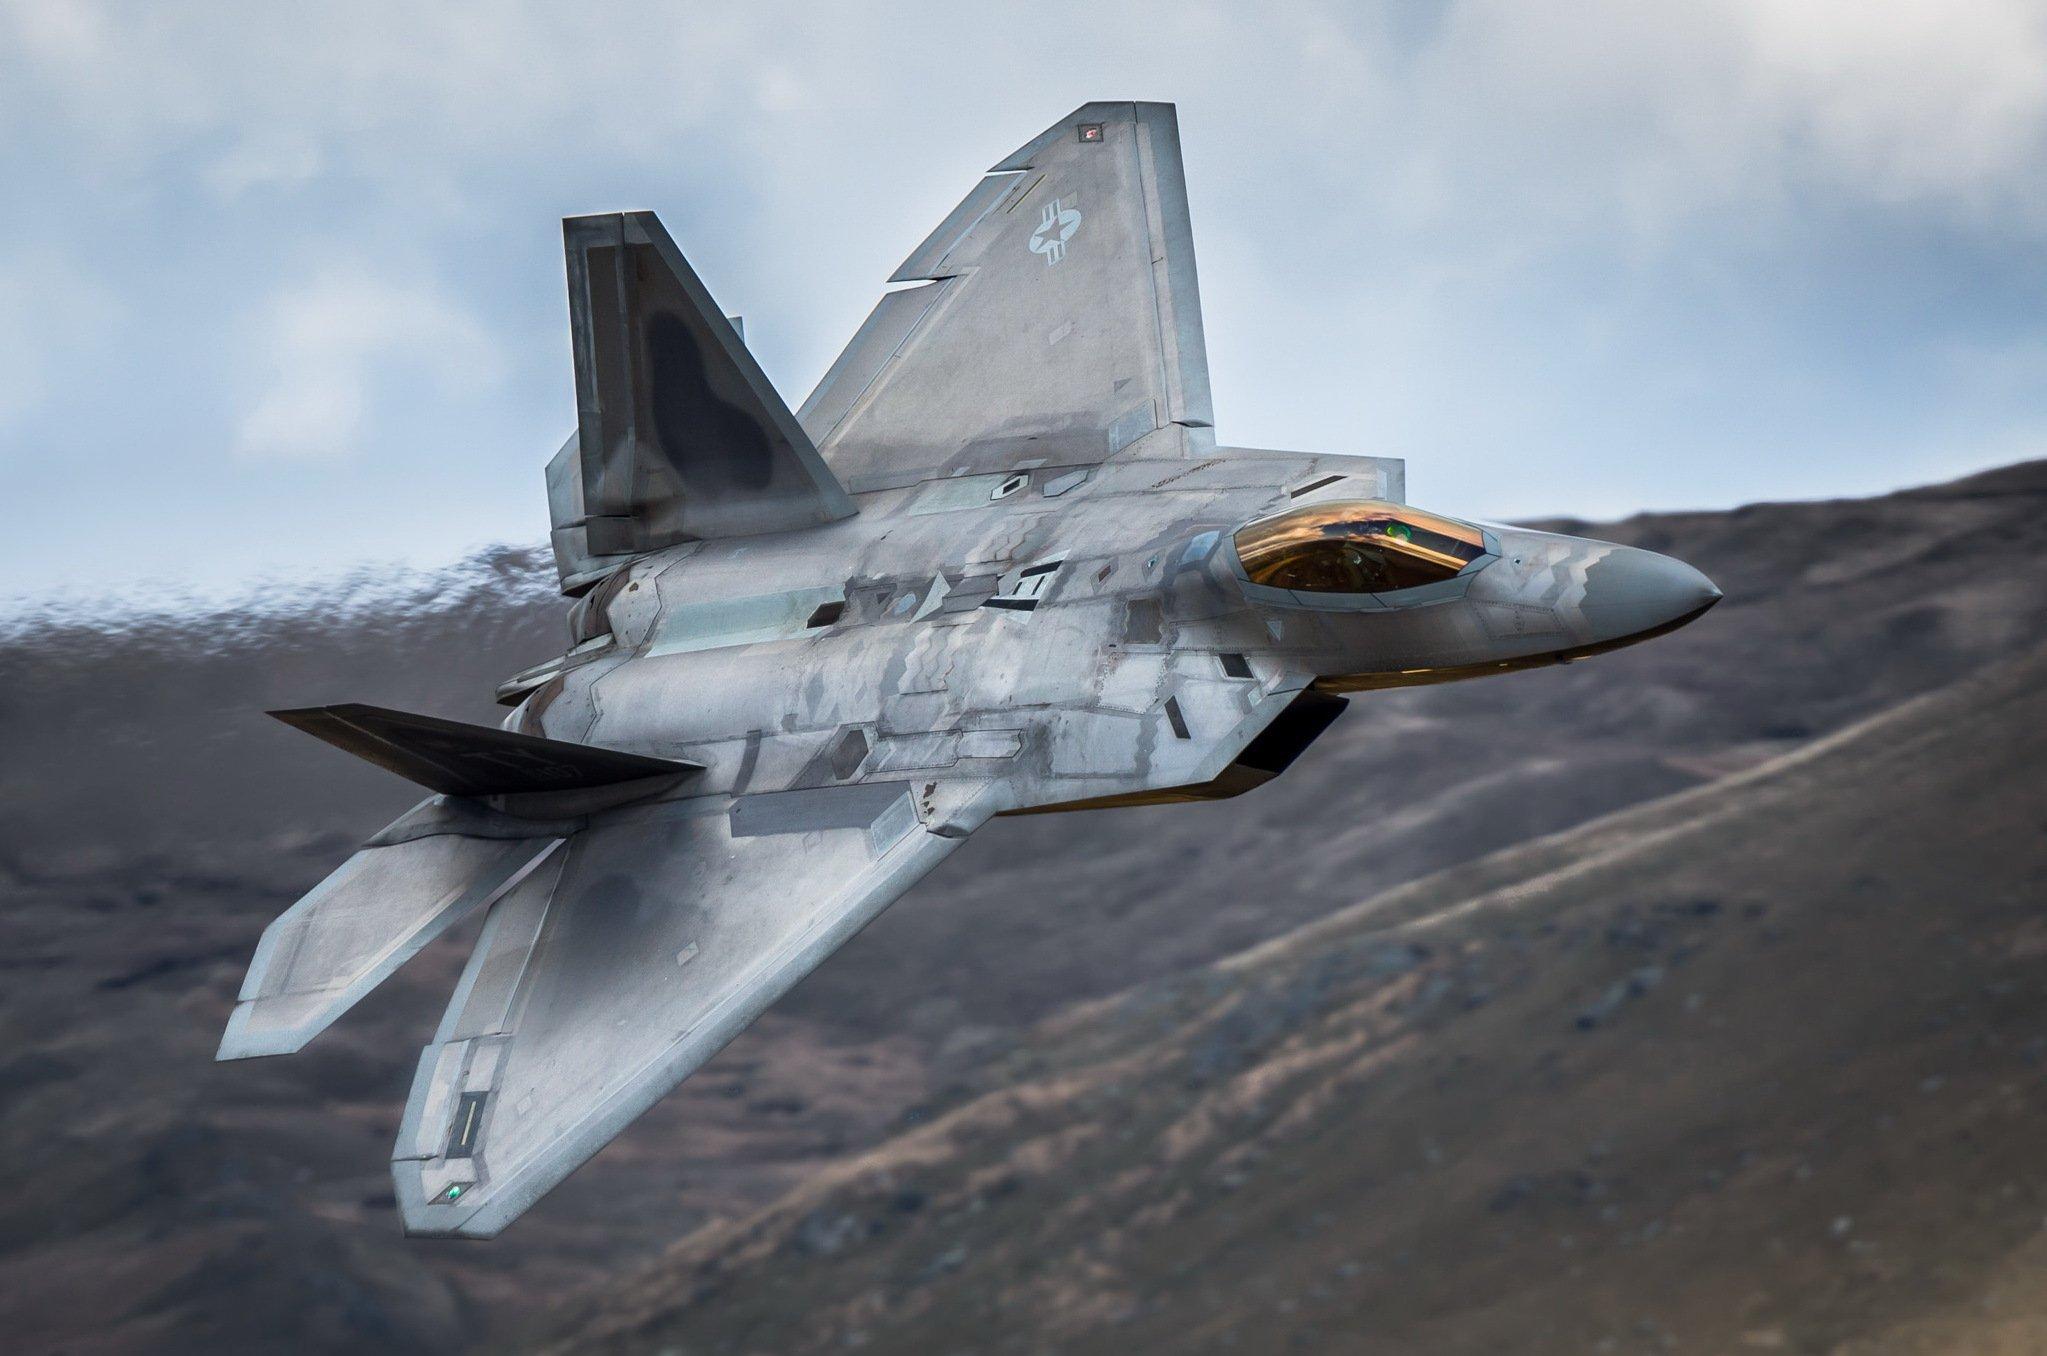 Έρχεται σύγκρουση «τιτάνων» στη Συρία: Απόβαση ρώσων Spetsnaz σε συριακό έδαφος – Πολεμικές επιχειρήσεις αμερικανικών F-22 κατά Συρίας-Ιράν-Ρωσίας